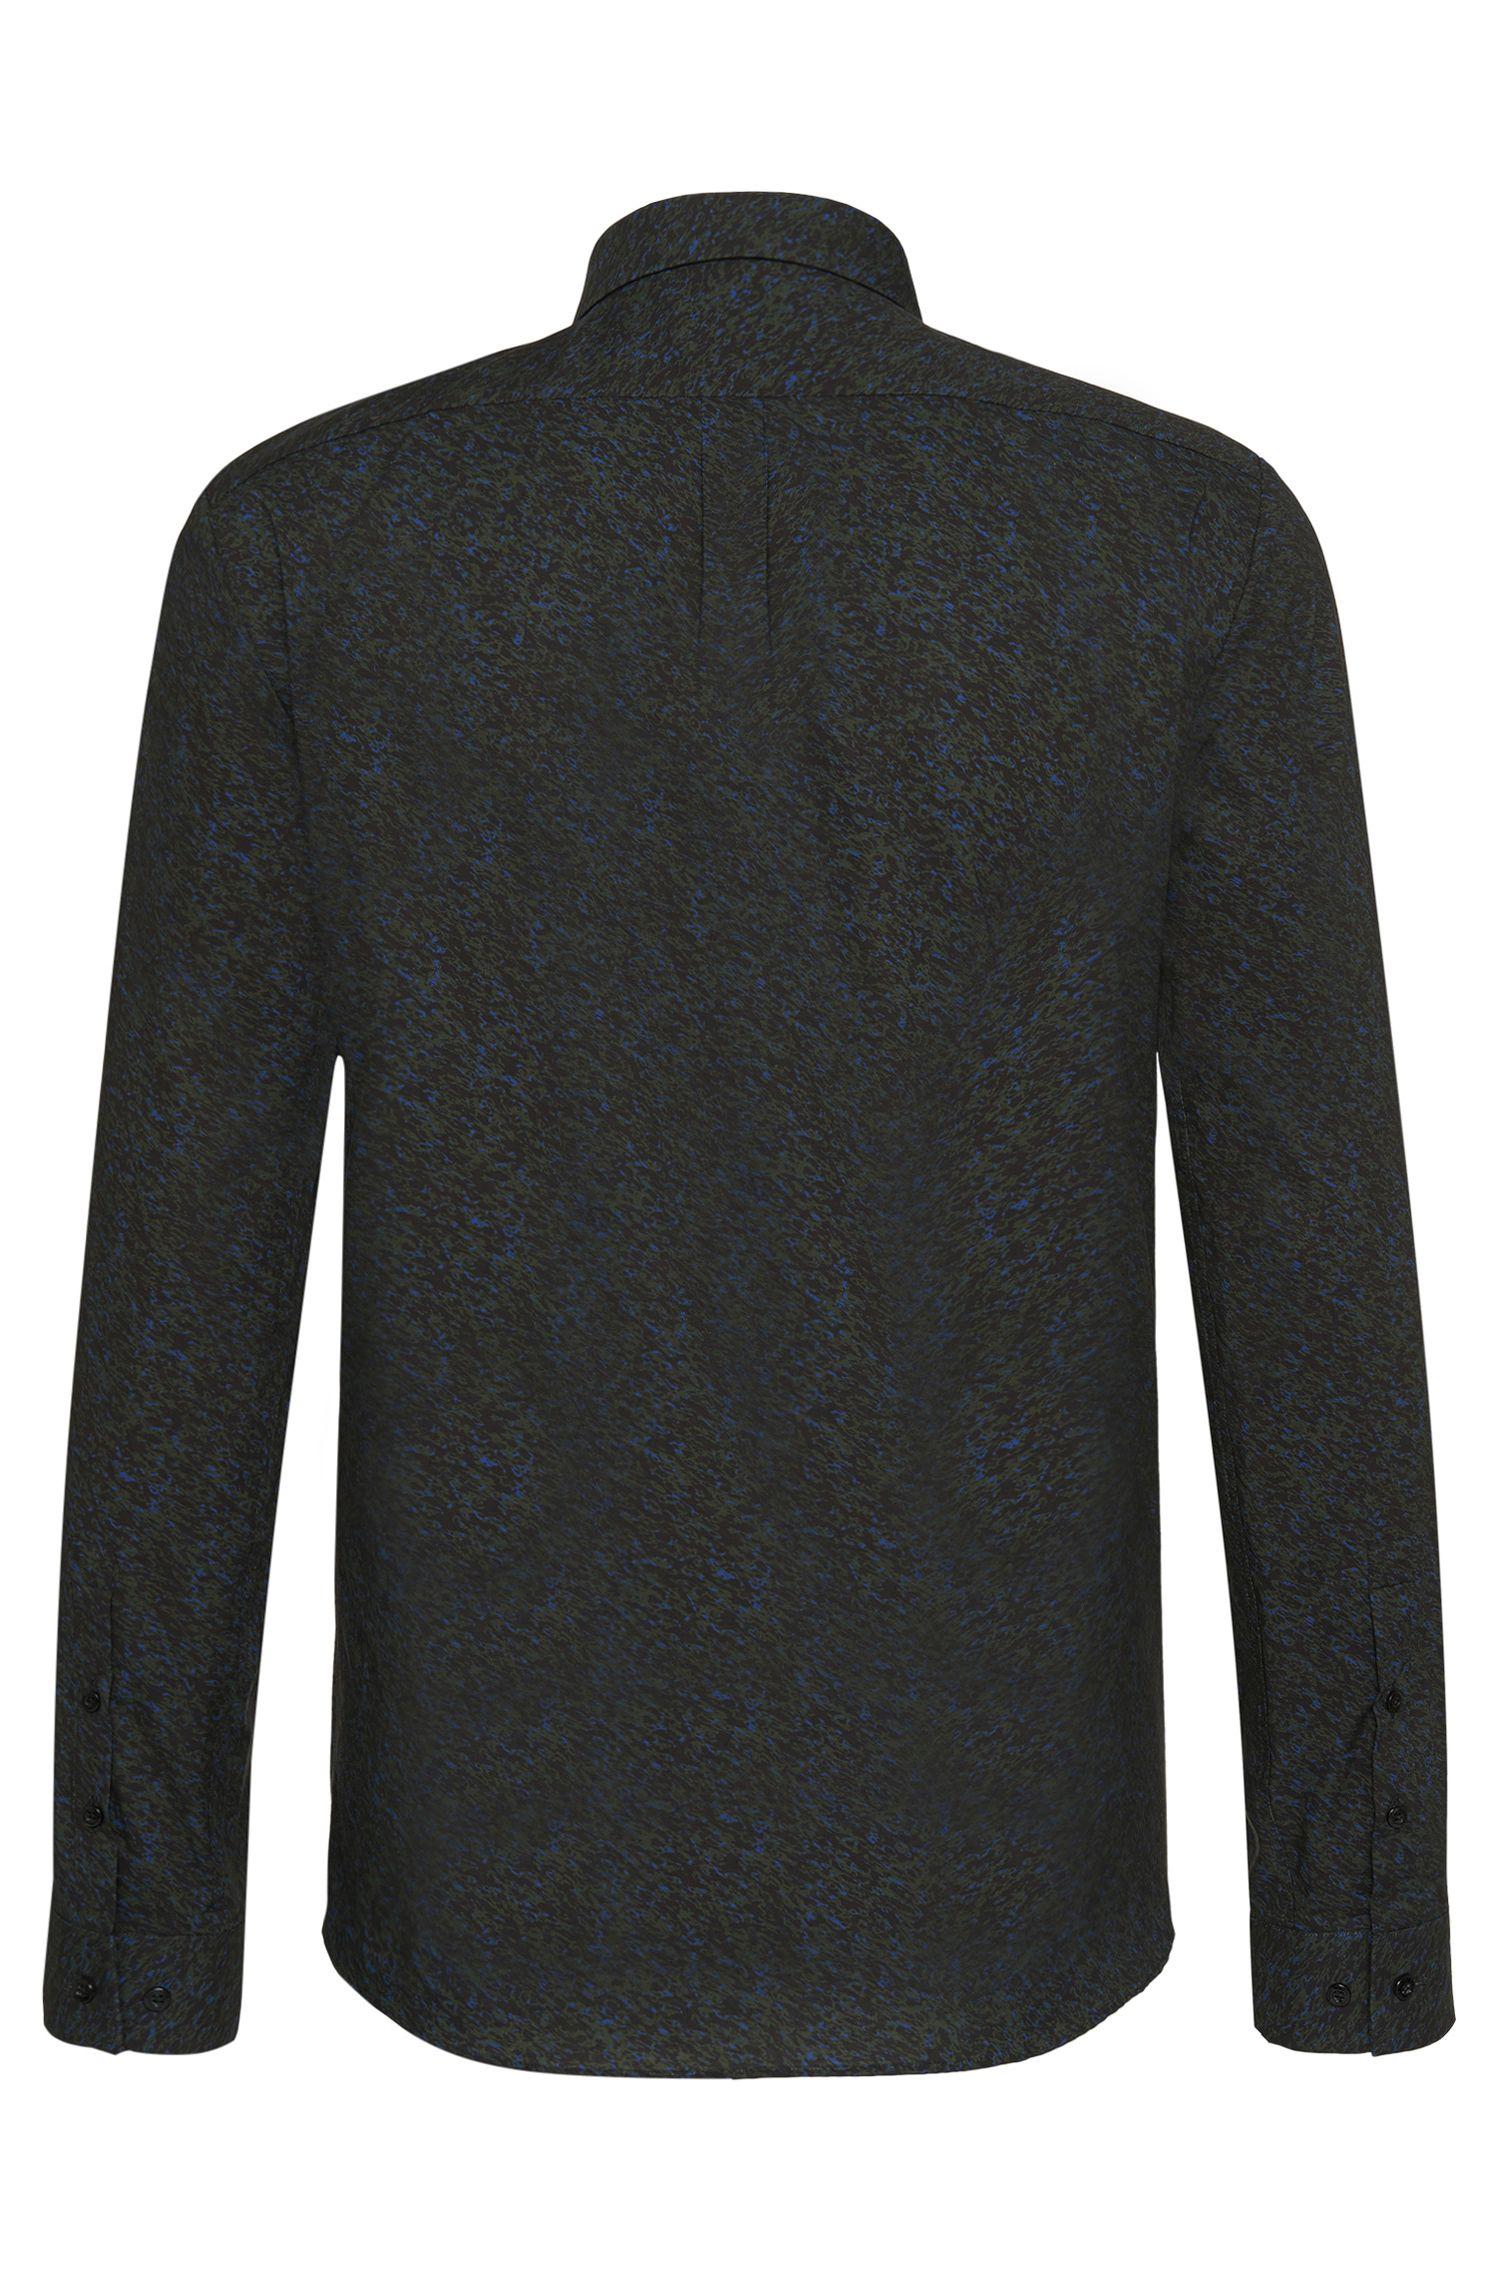 Allover gemustertes Slim-Fit Hemd aus Baumwolle: 'Ero3'